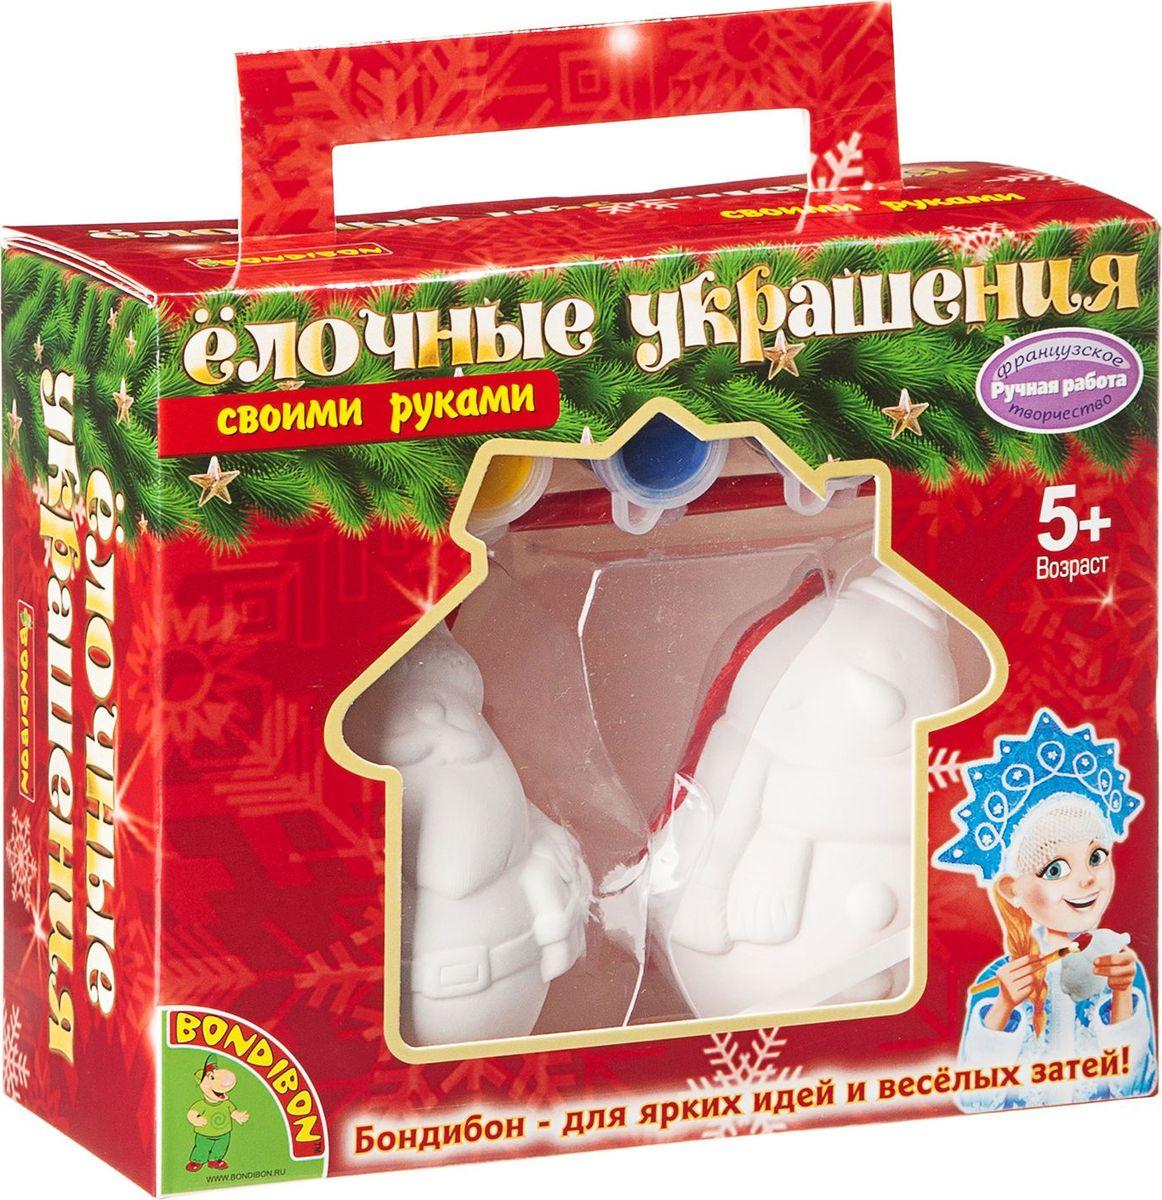 Bondibon Набор для изготовления игрушек Ёлочные украшения Дед Мороз Снеговик bondibon набор для творчества bondibon ёлочные украшения месяц дед мороз снеговик звезда